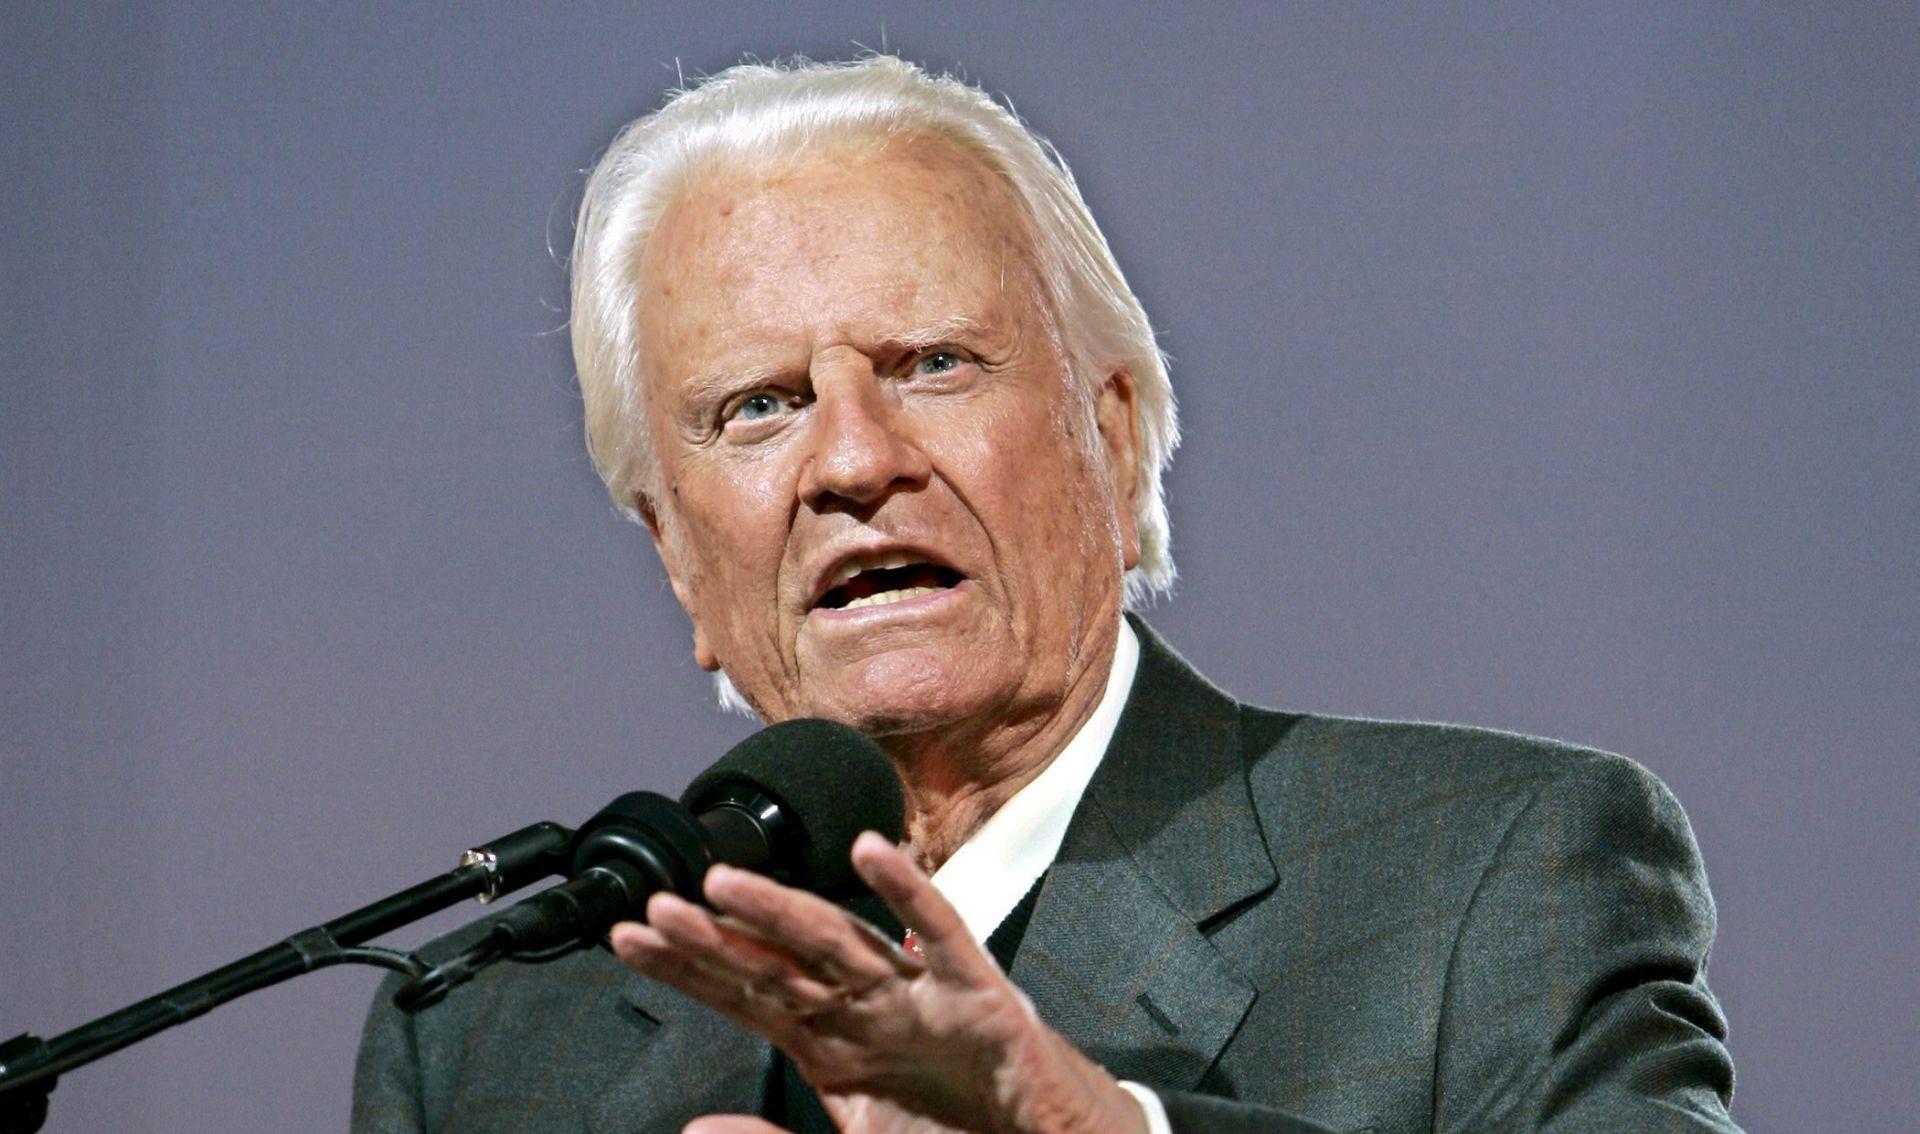 Amerika tuguje za omiljenim propovjednikom Billyjem Grahamom